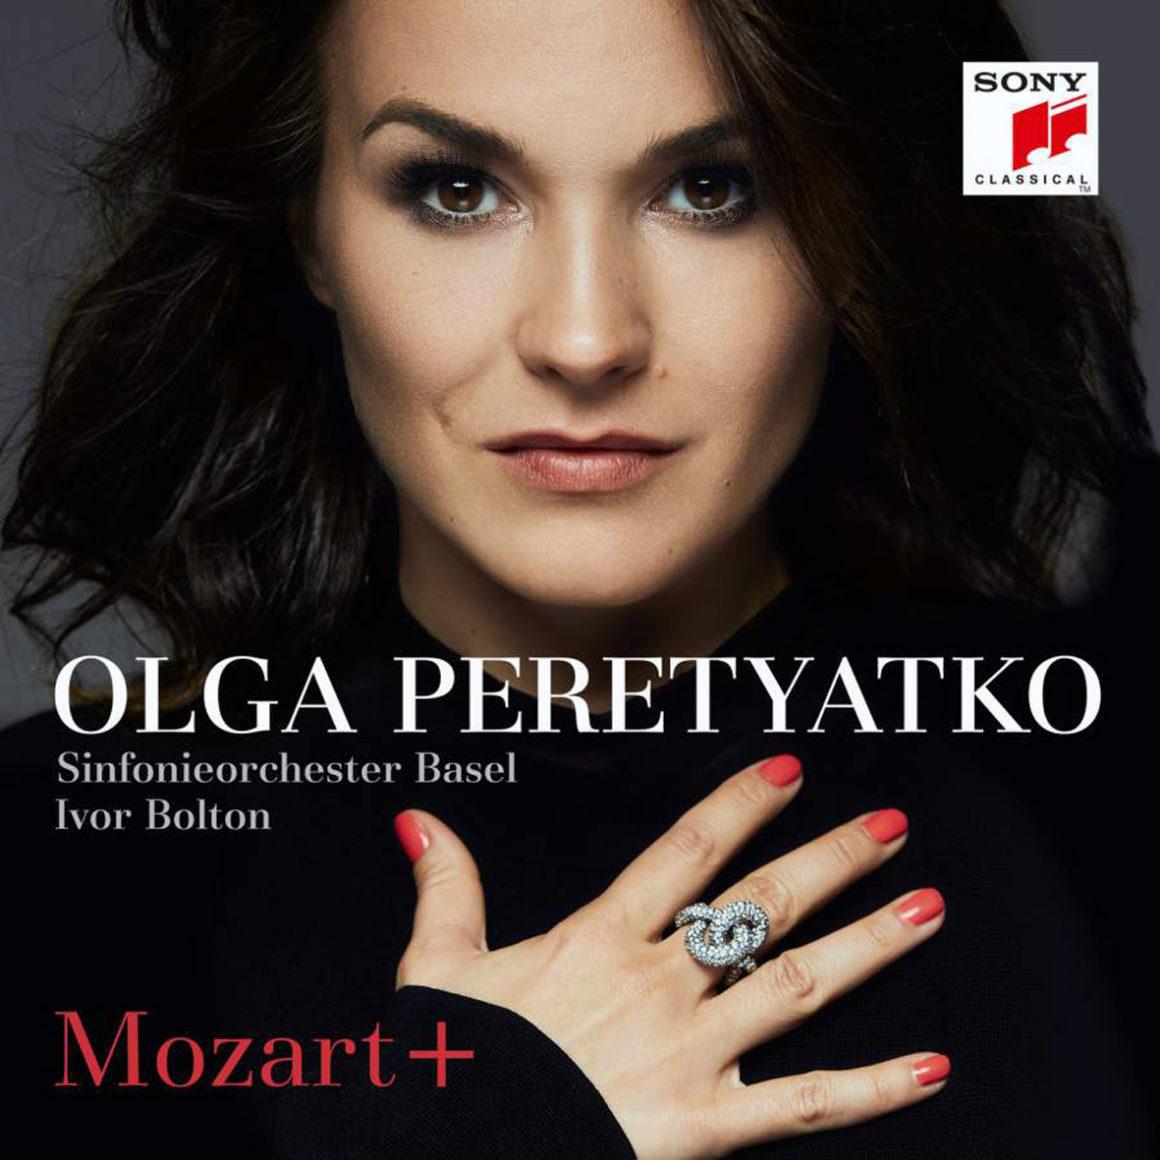 RECOMENDACIÓN: Olga Peretyatko:  Mozart+